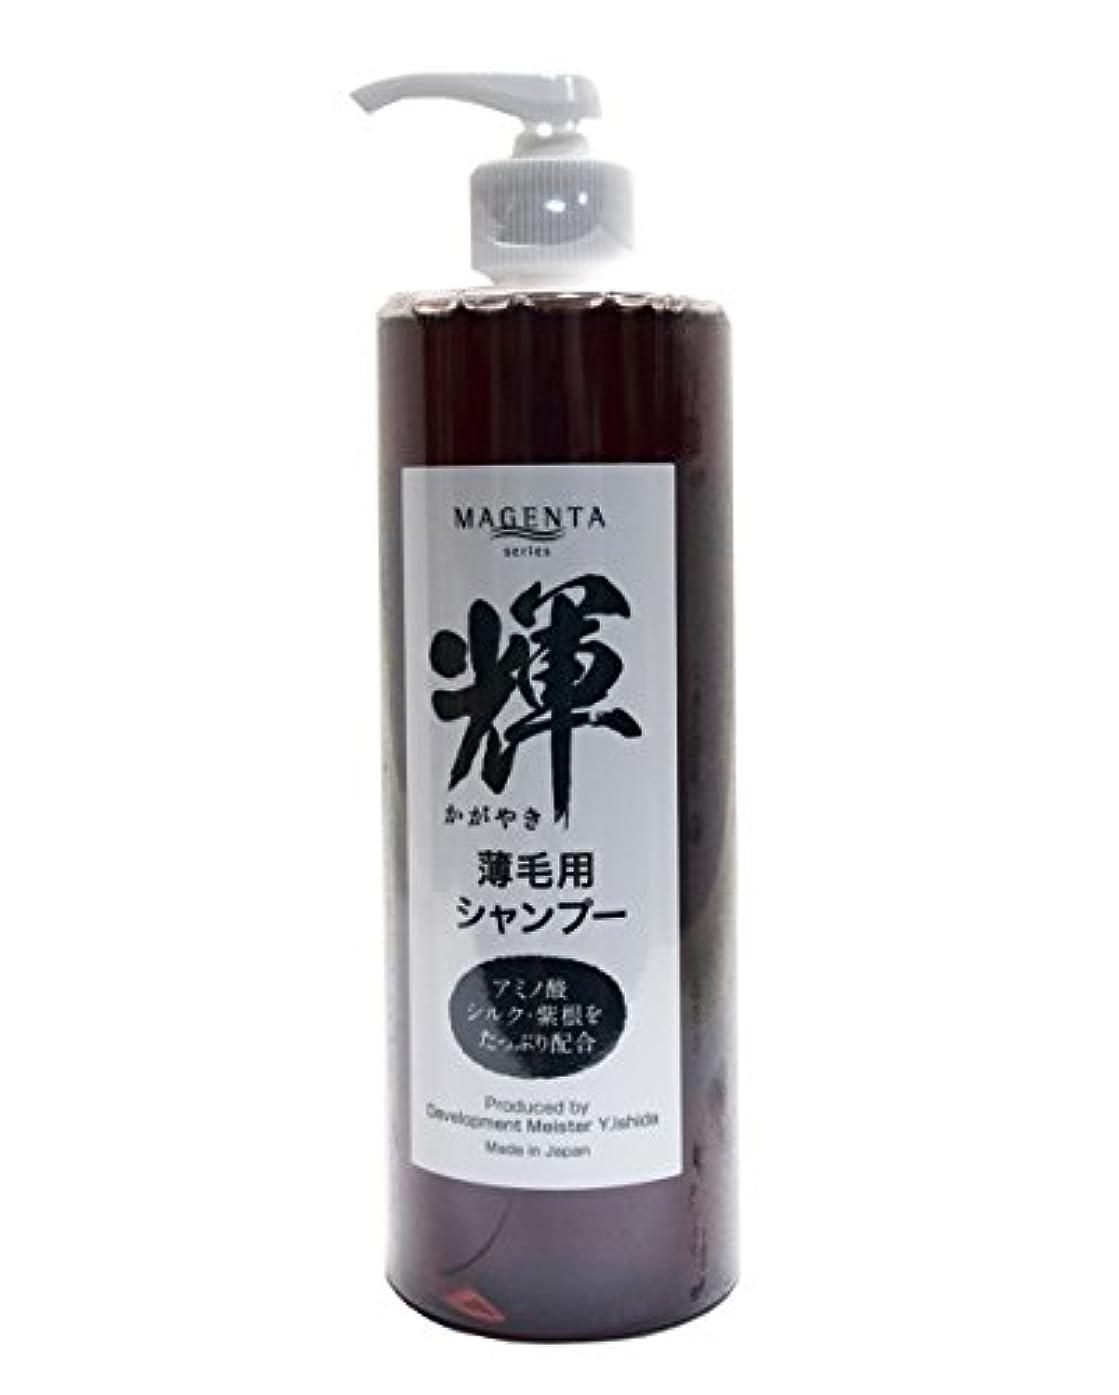 松の木つぶす用語集Y'stone ワイストーン MAGENTA 輝 マジェンタ かがやき 薄毛用 シャンプー 400ml アミノ酸?シルク?紫根をたっぷり配合 日本製